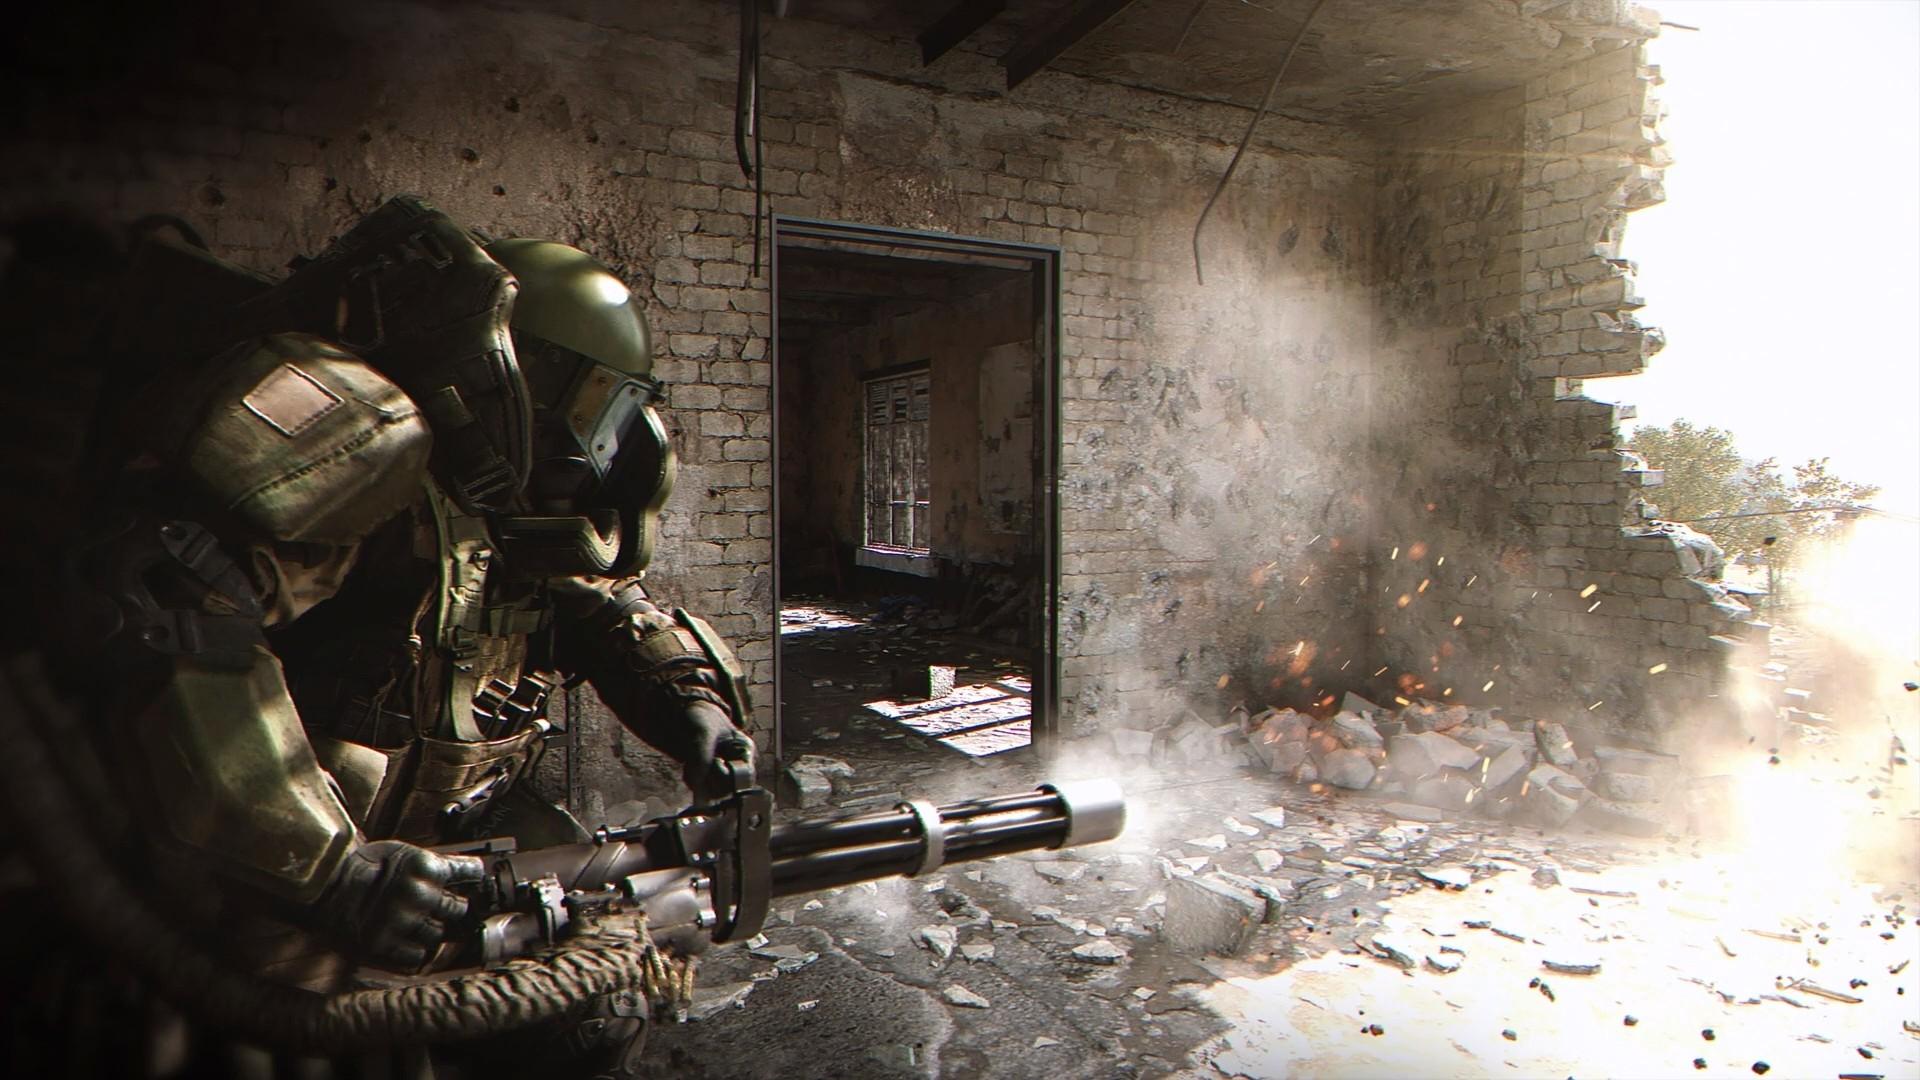 Появился живой геймплей Call of Duty: Modern Warfare с трассировкой лучей